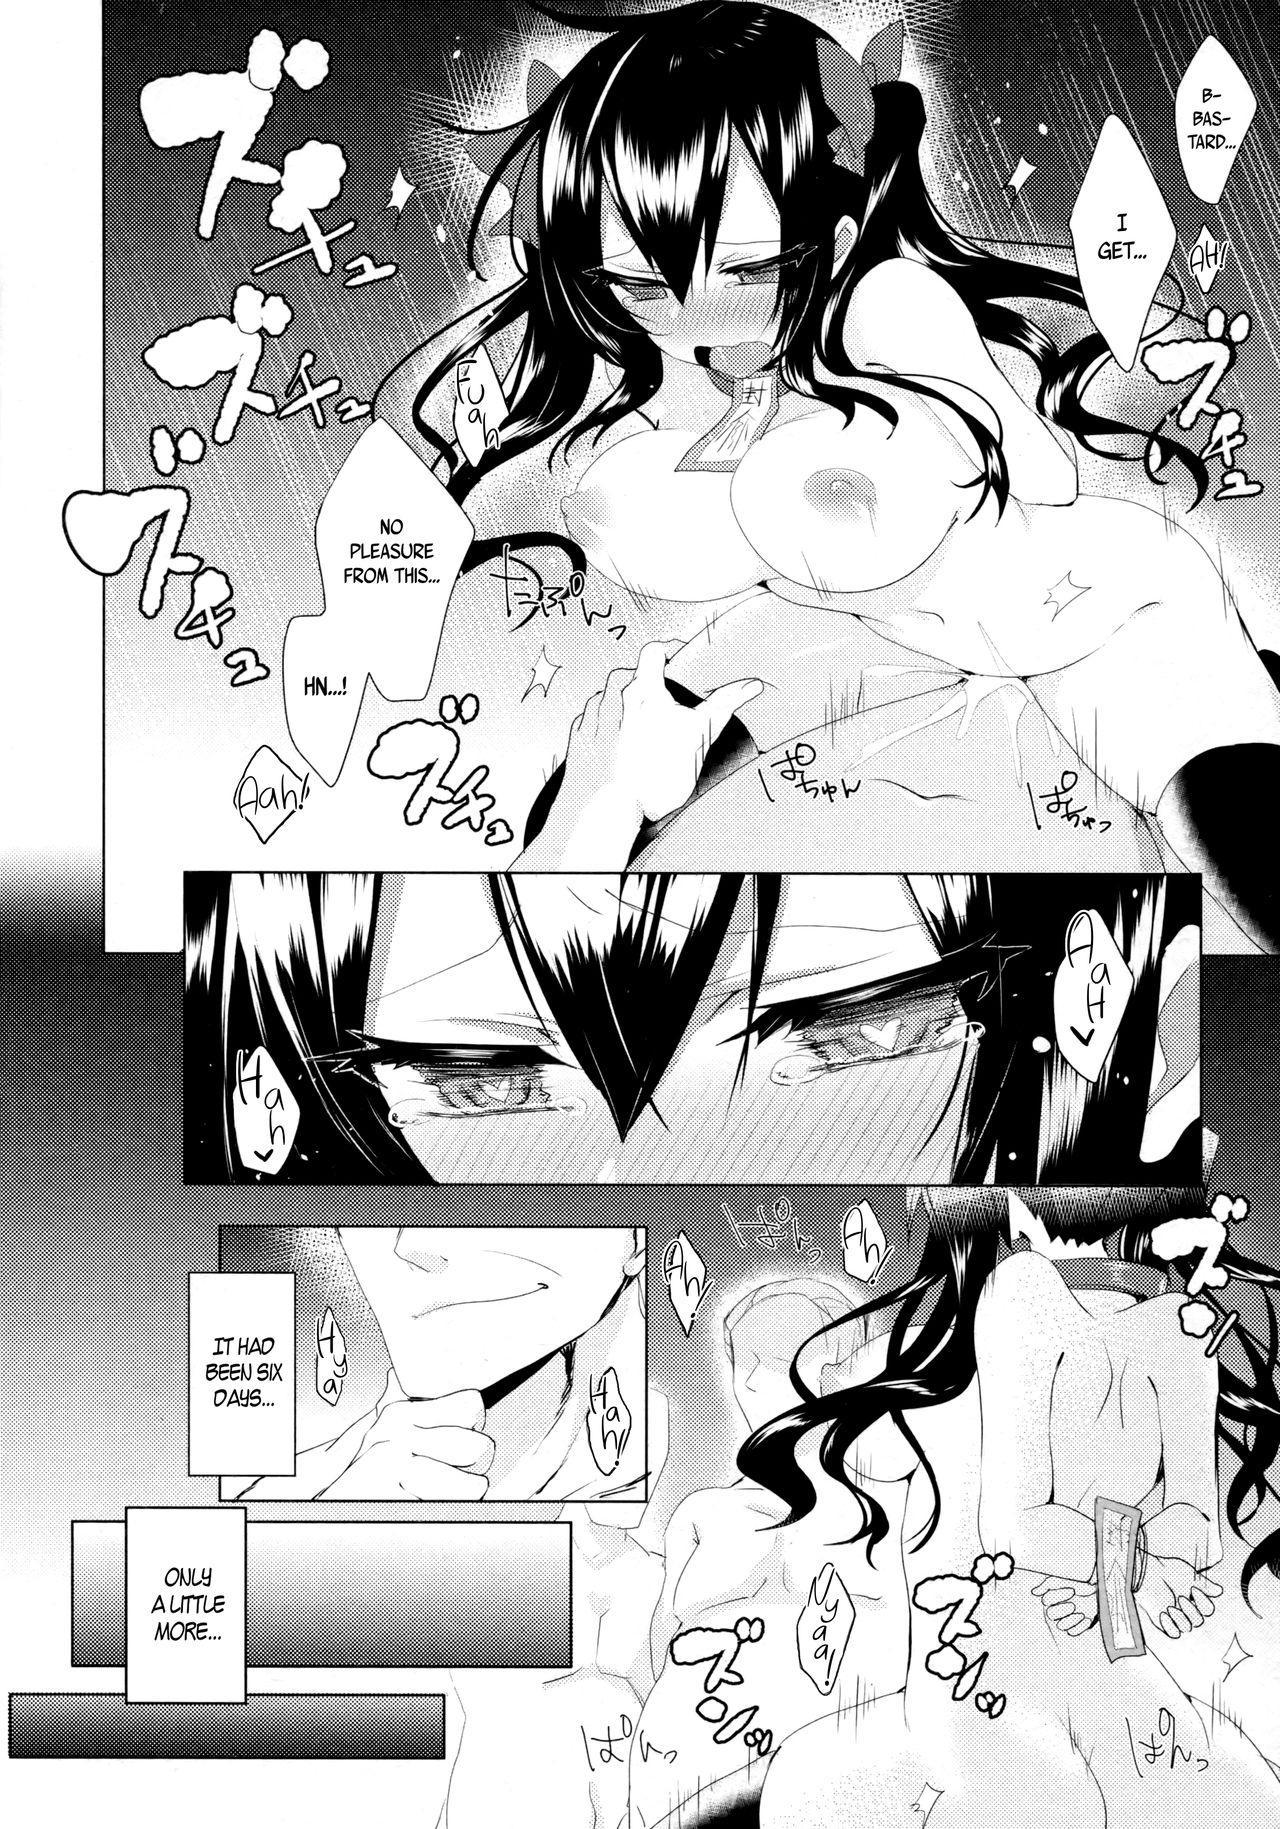 Hatate-chan Shiiku Nikki 4